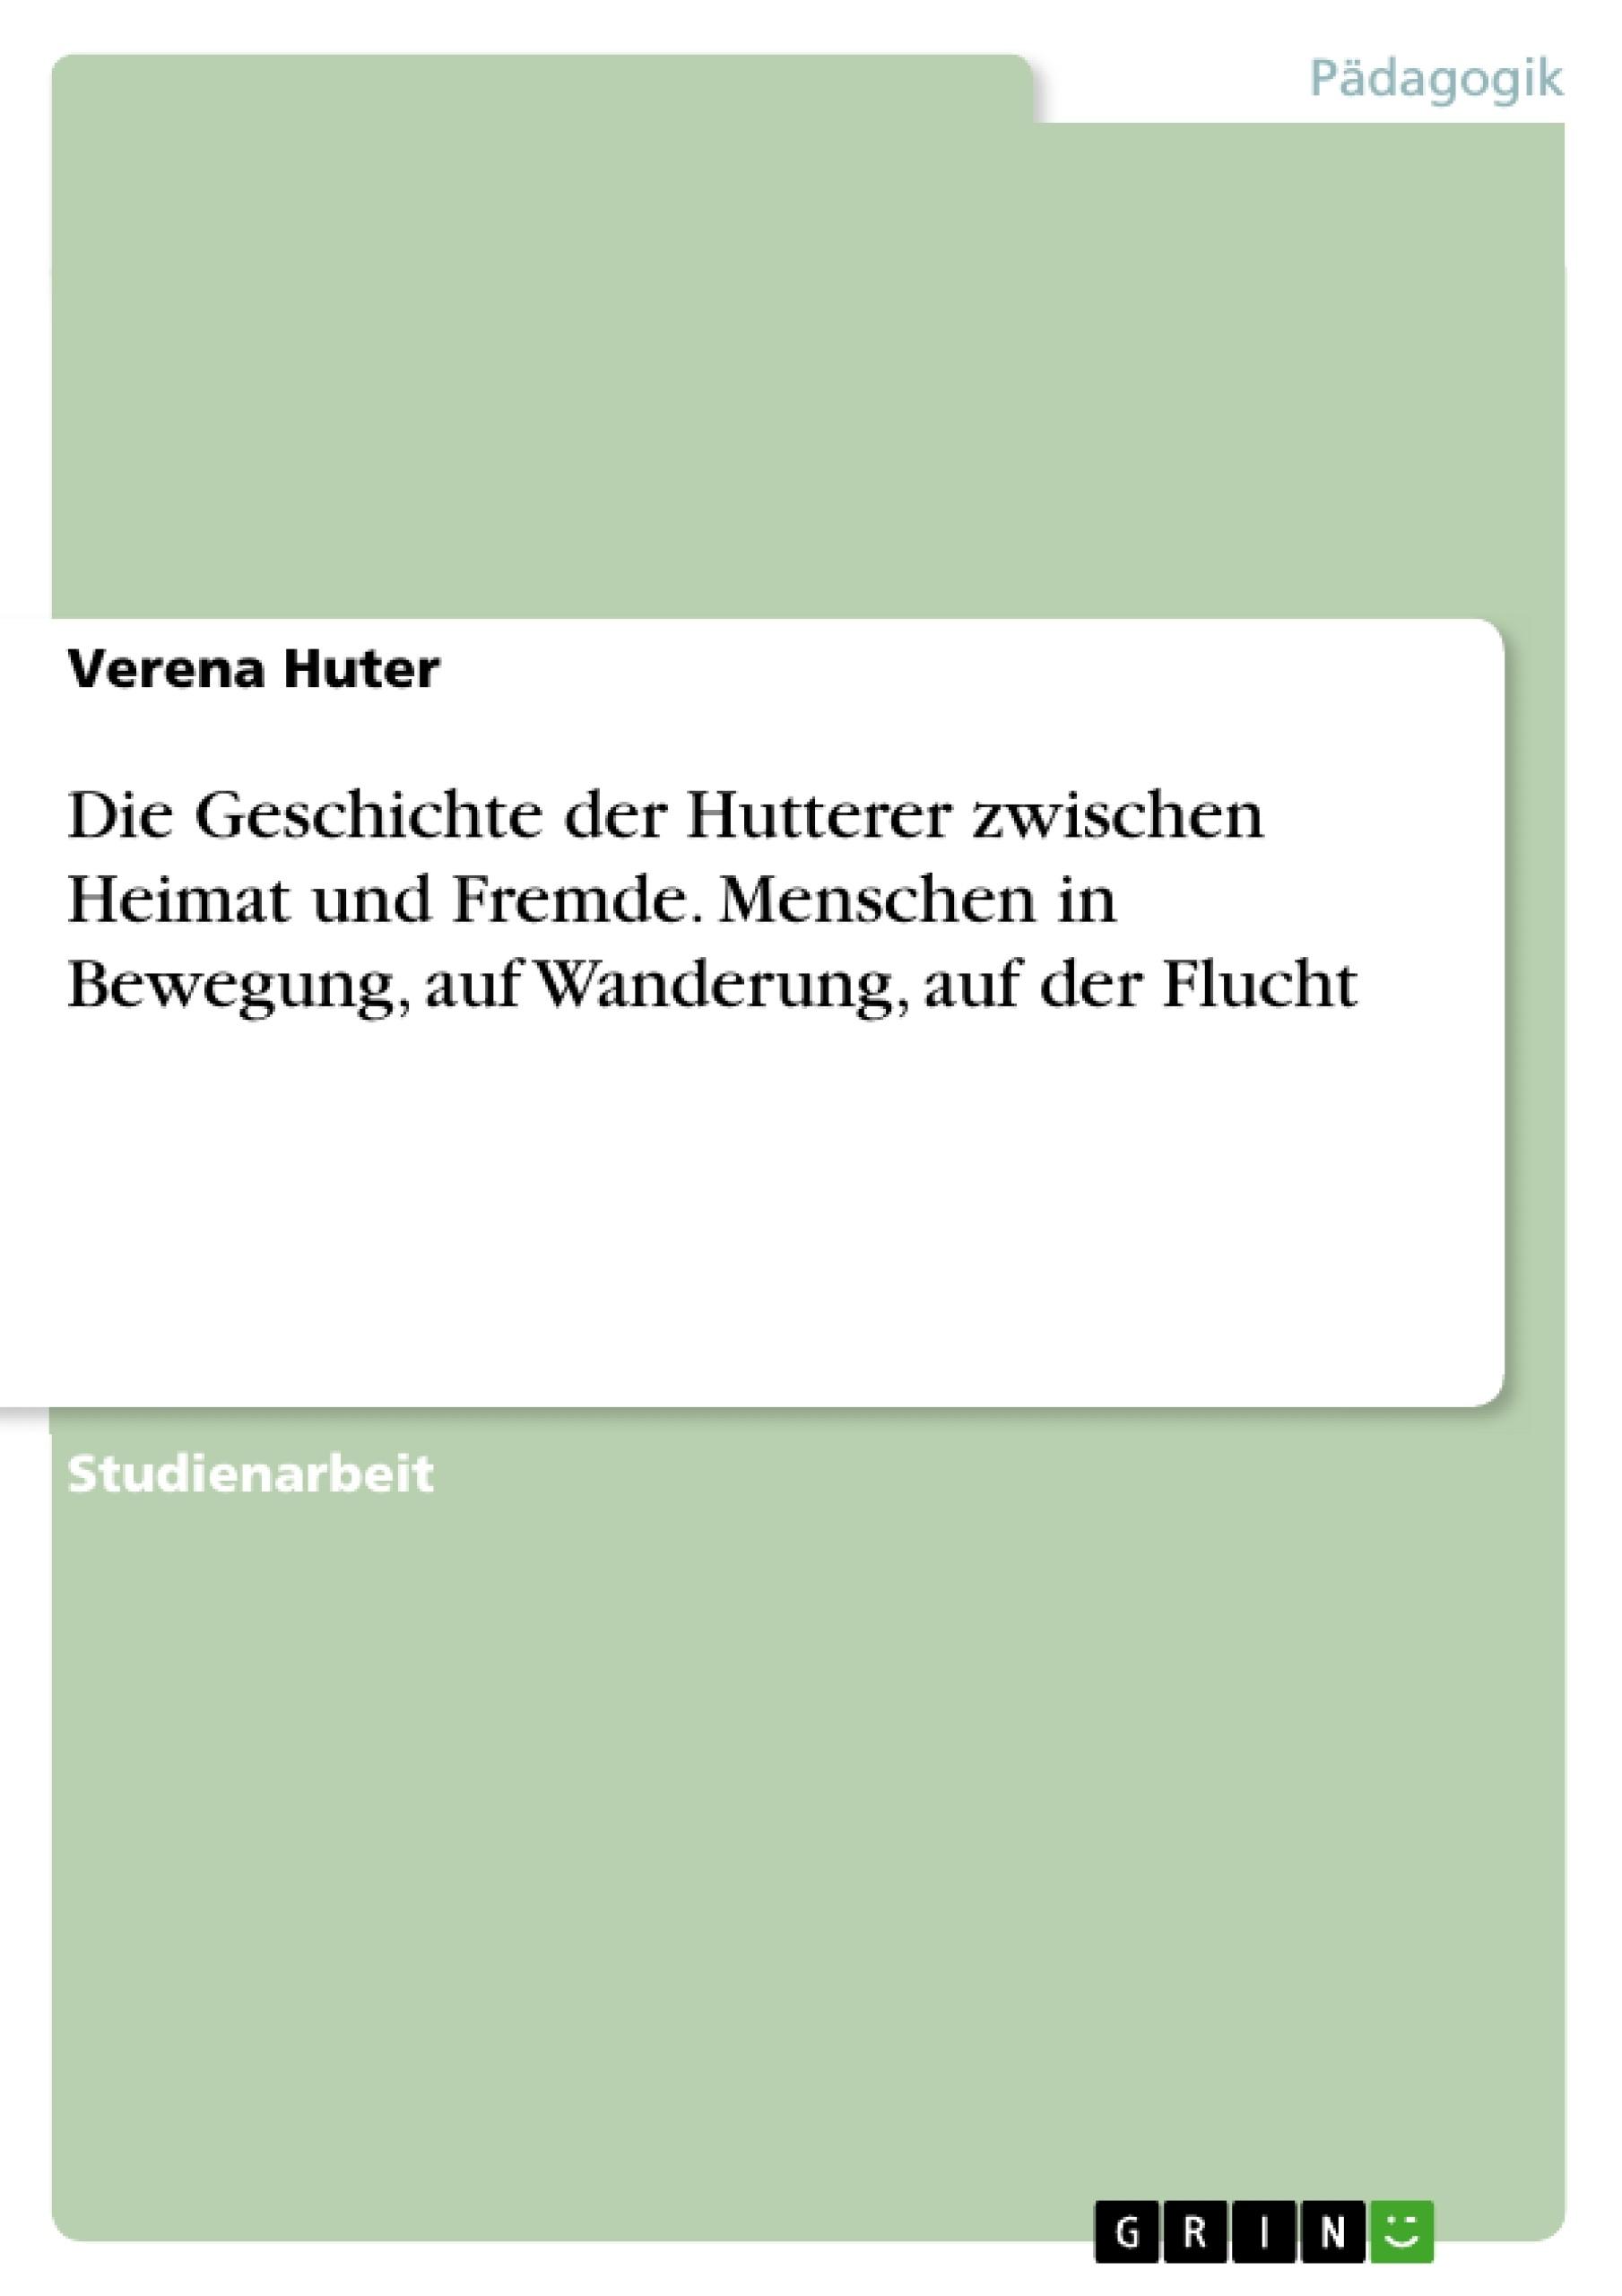 Titel: Die Geschichte der Hutterer zwischen Heimat und Fremde. Menschen in Bewegung, auf Wanderung, auf der Flucht